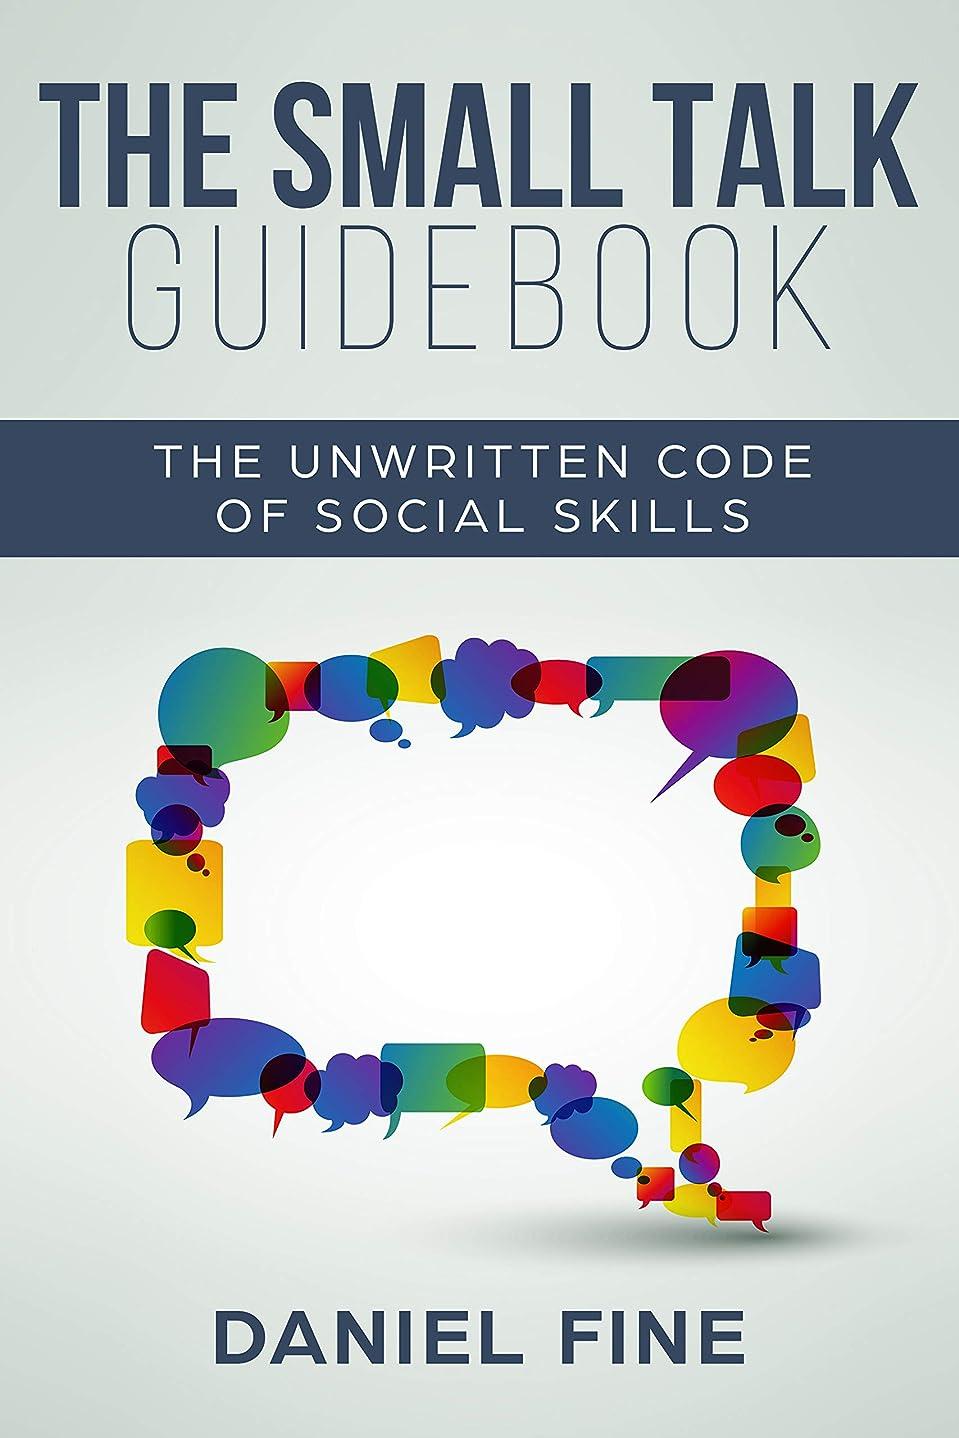 回路思い出すうぬぼれThe Small Talk Guidebook: Master The Unwritten Code of Social Skills and How Simple Training Can Help You Connect Effortlessly With Anyone. Little-Known ... with Self-Confidence (English Edition)